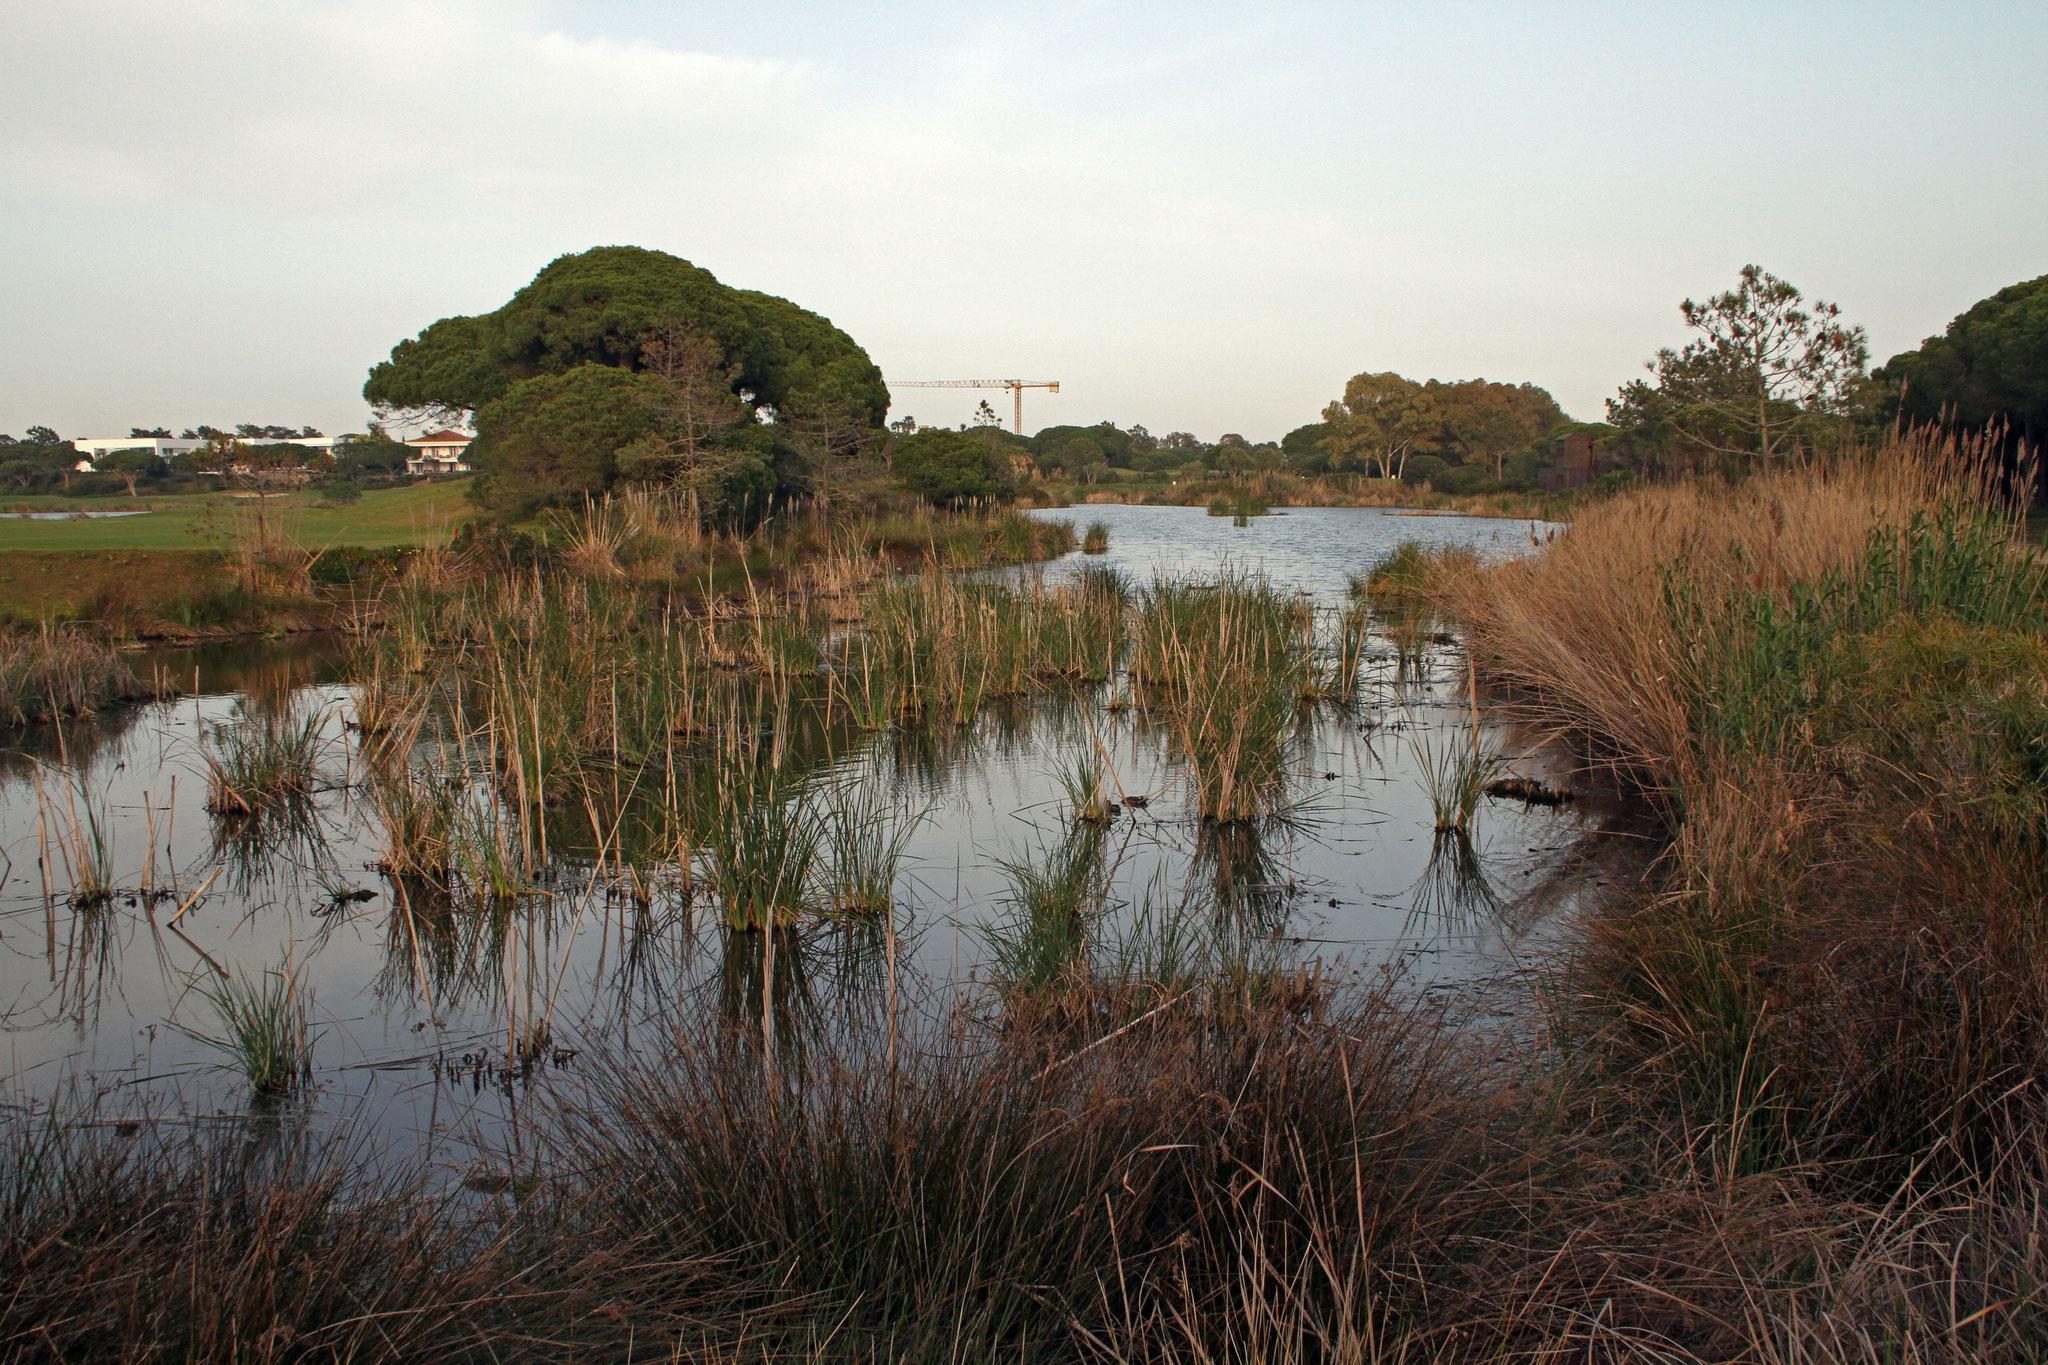 """Bei einem Tagesausflug an die Algarve-Küste besuchen wir das Gebiet """"Quinta do Lago"""". Typisch: Luxus-Ferienhäuser, Golfplatz und mittendrin Natur pur"""